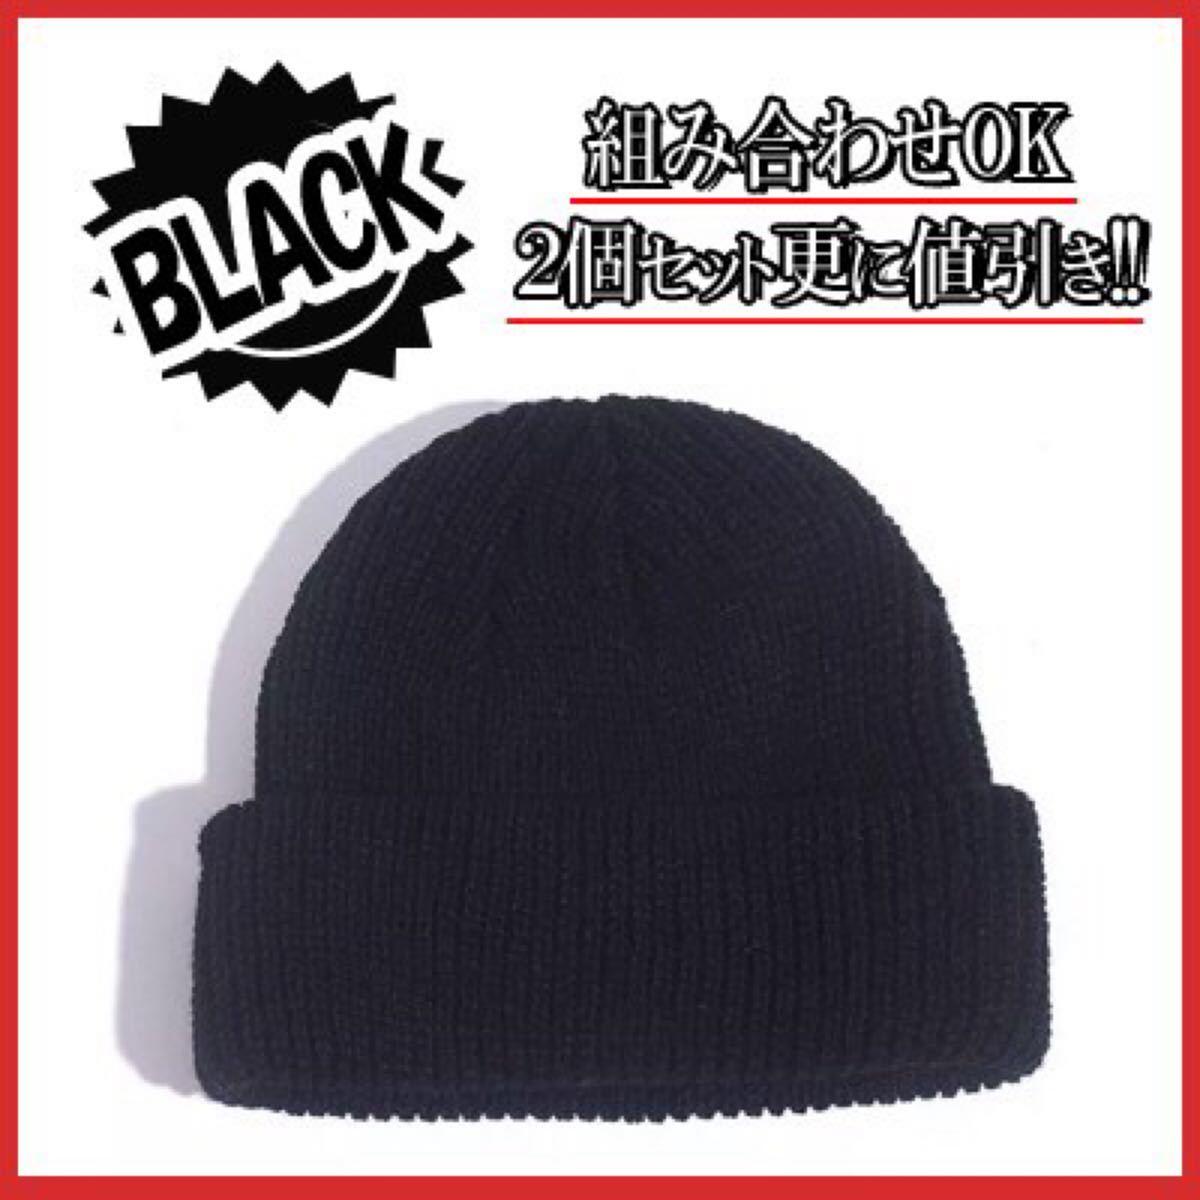 ニット帽 ニットキャップ ビーニー ブラック 黒 シンプル